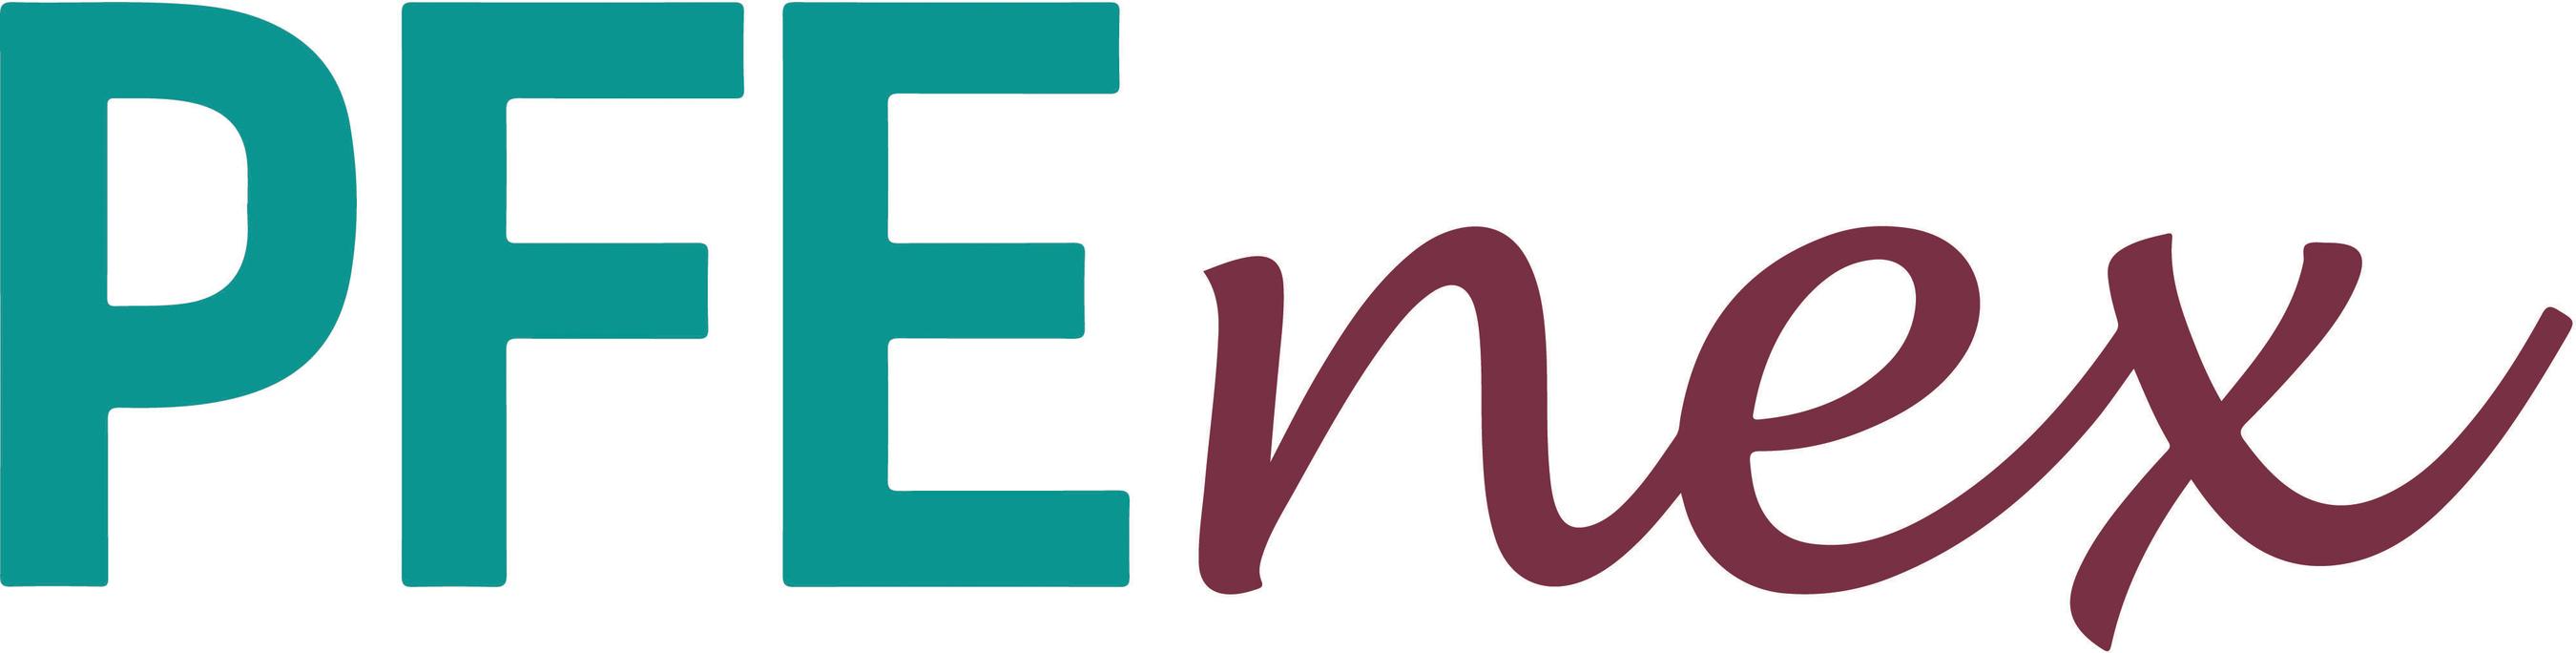 Pfenex logo